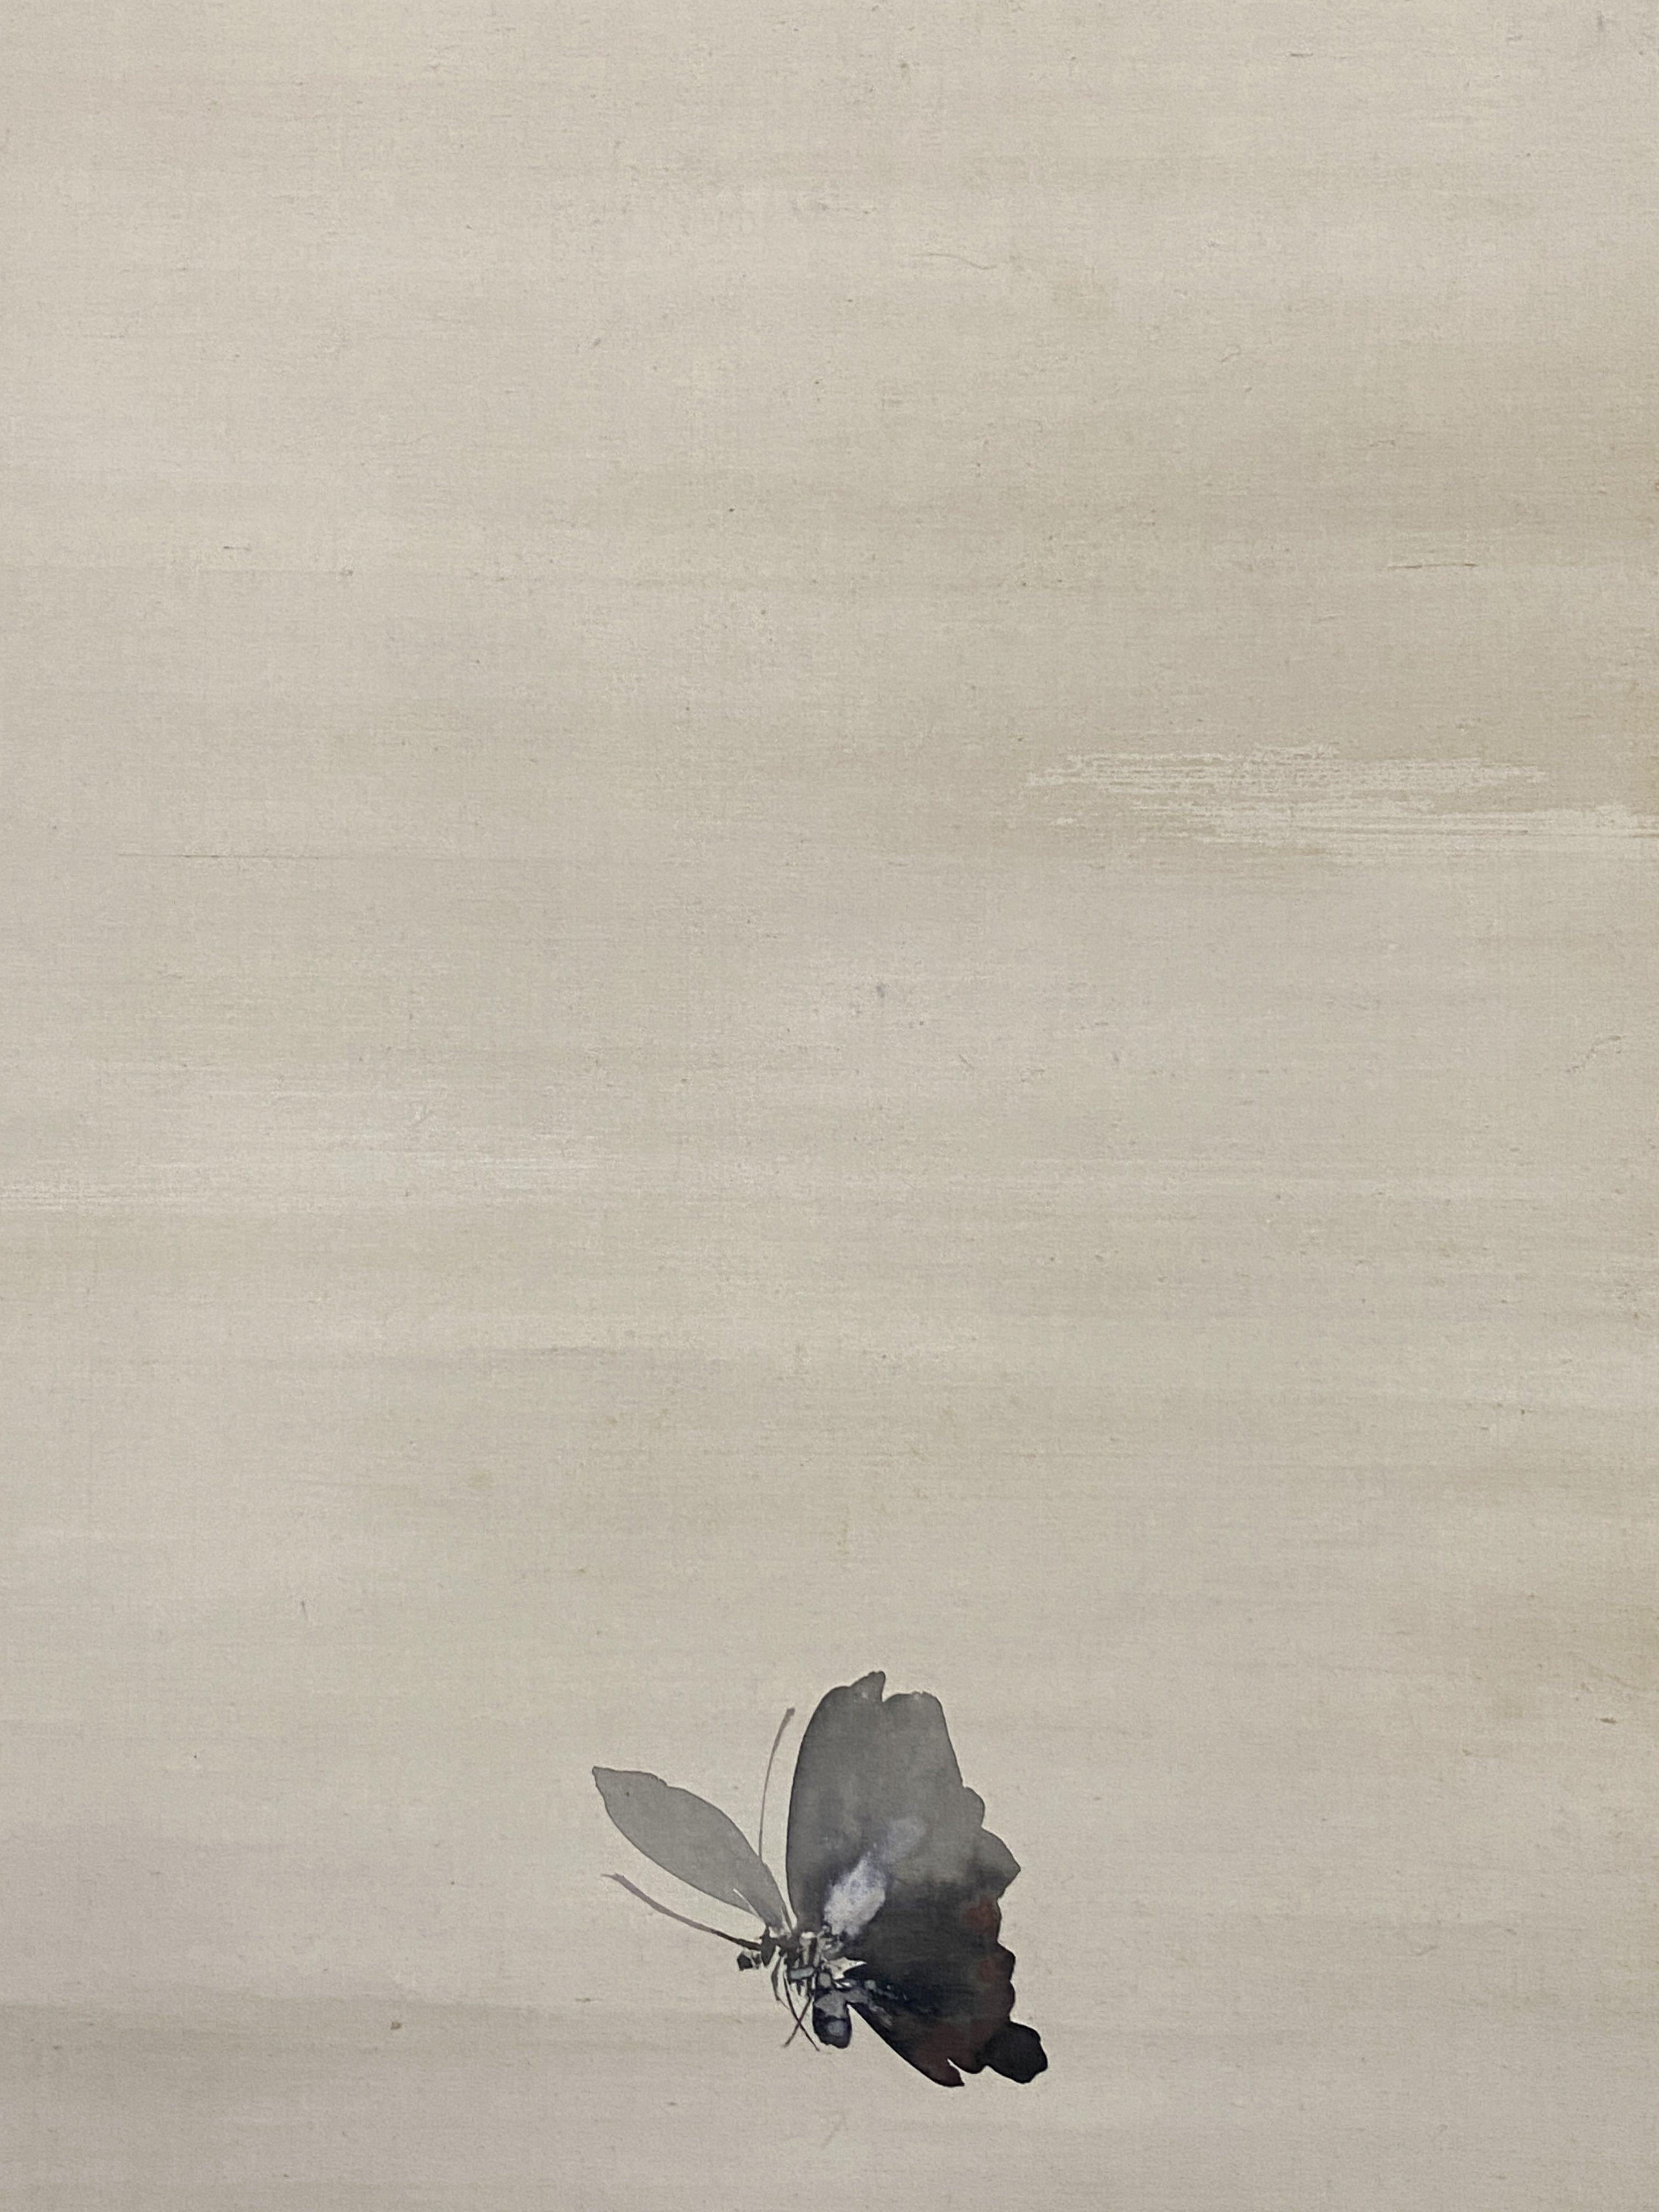 森本東閣 流霞双蝶図